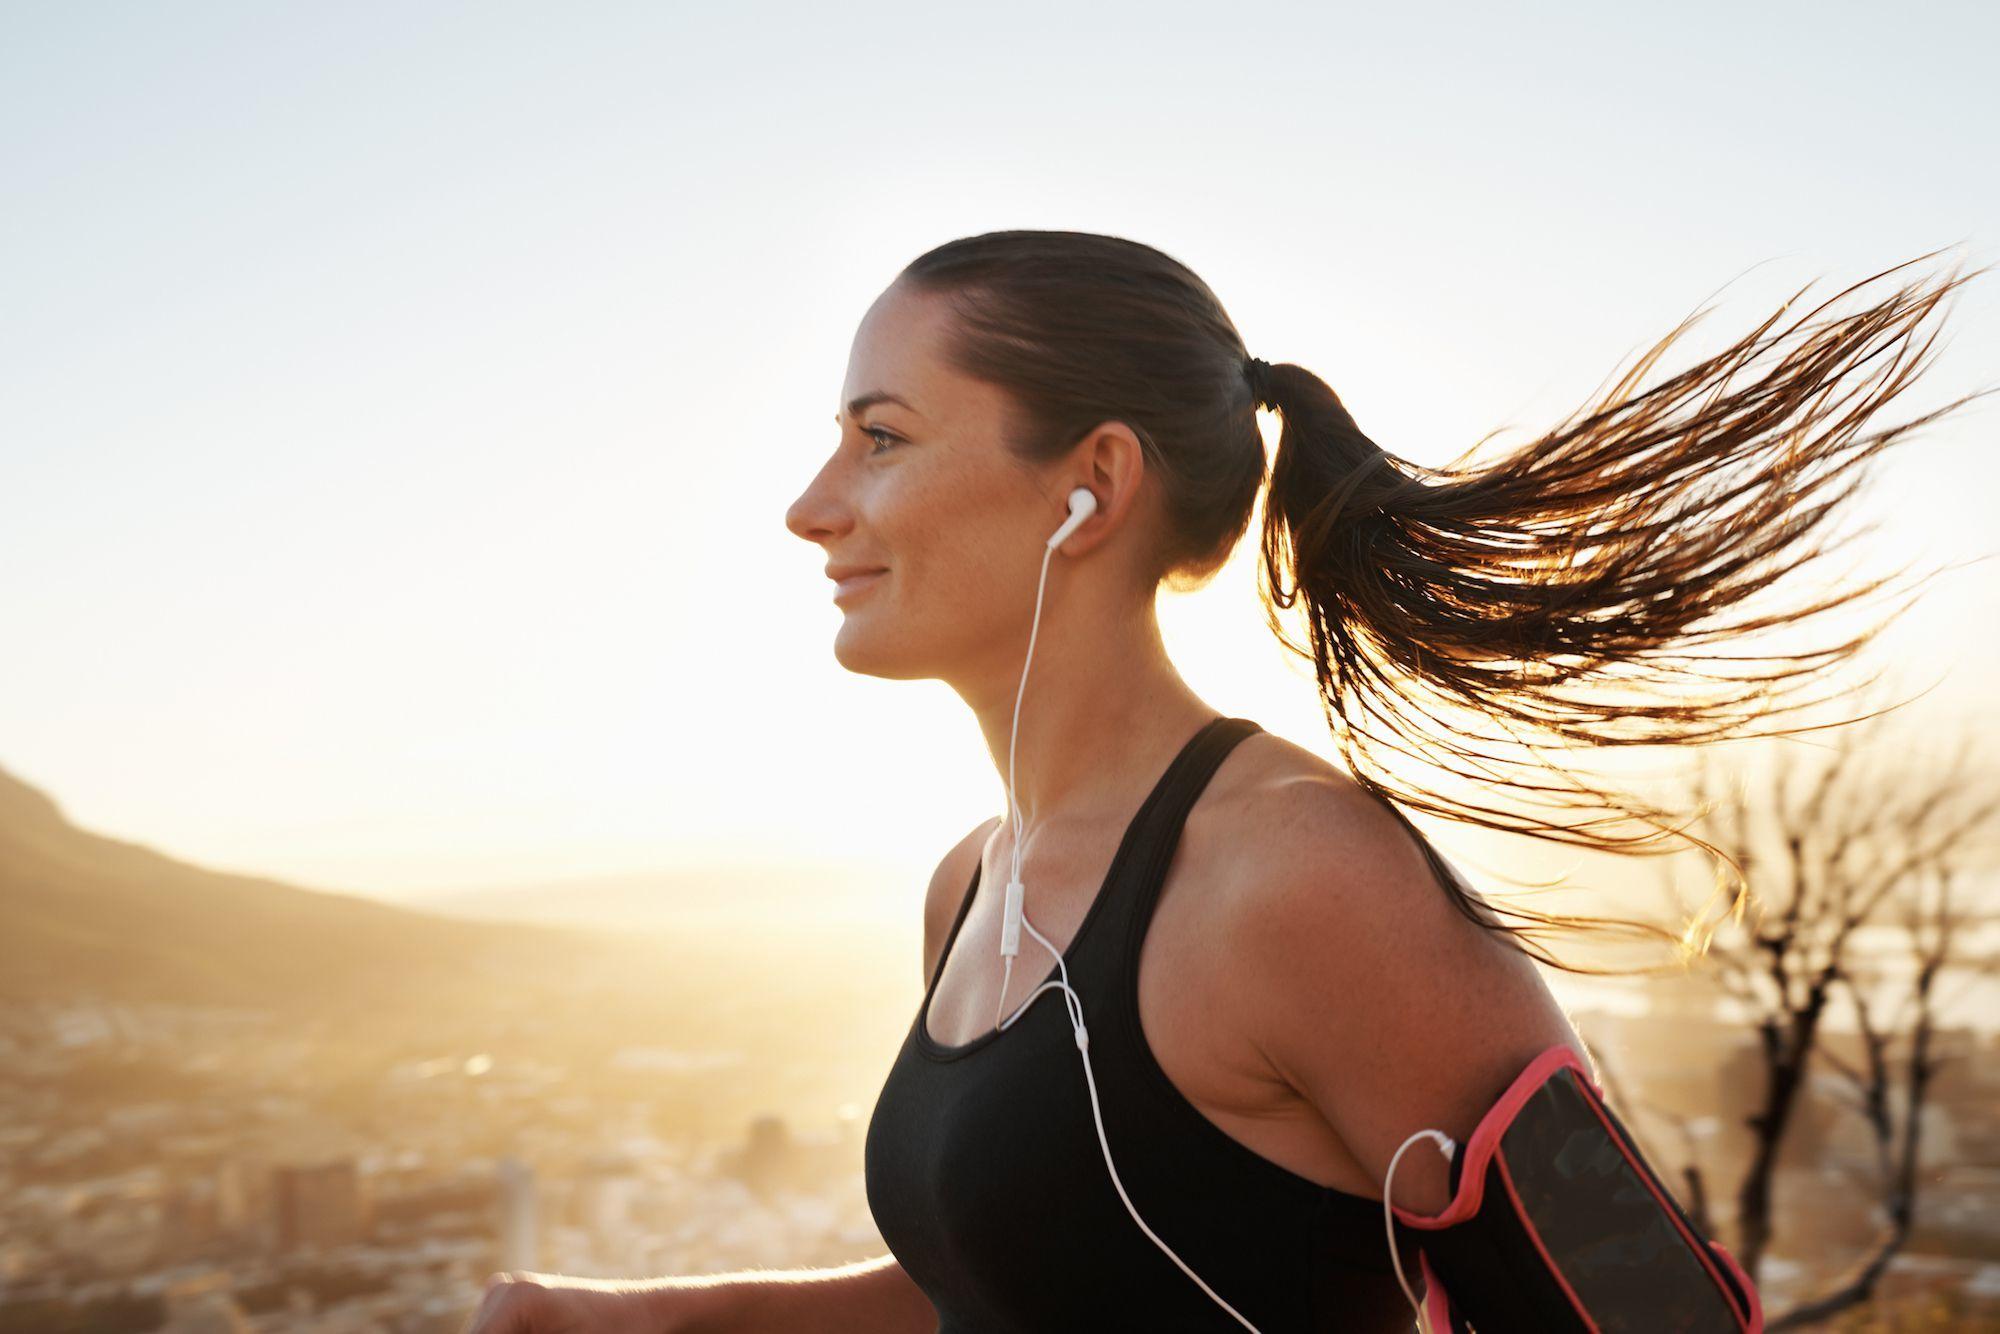 Kalorienverbrauch durch Jogging